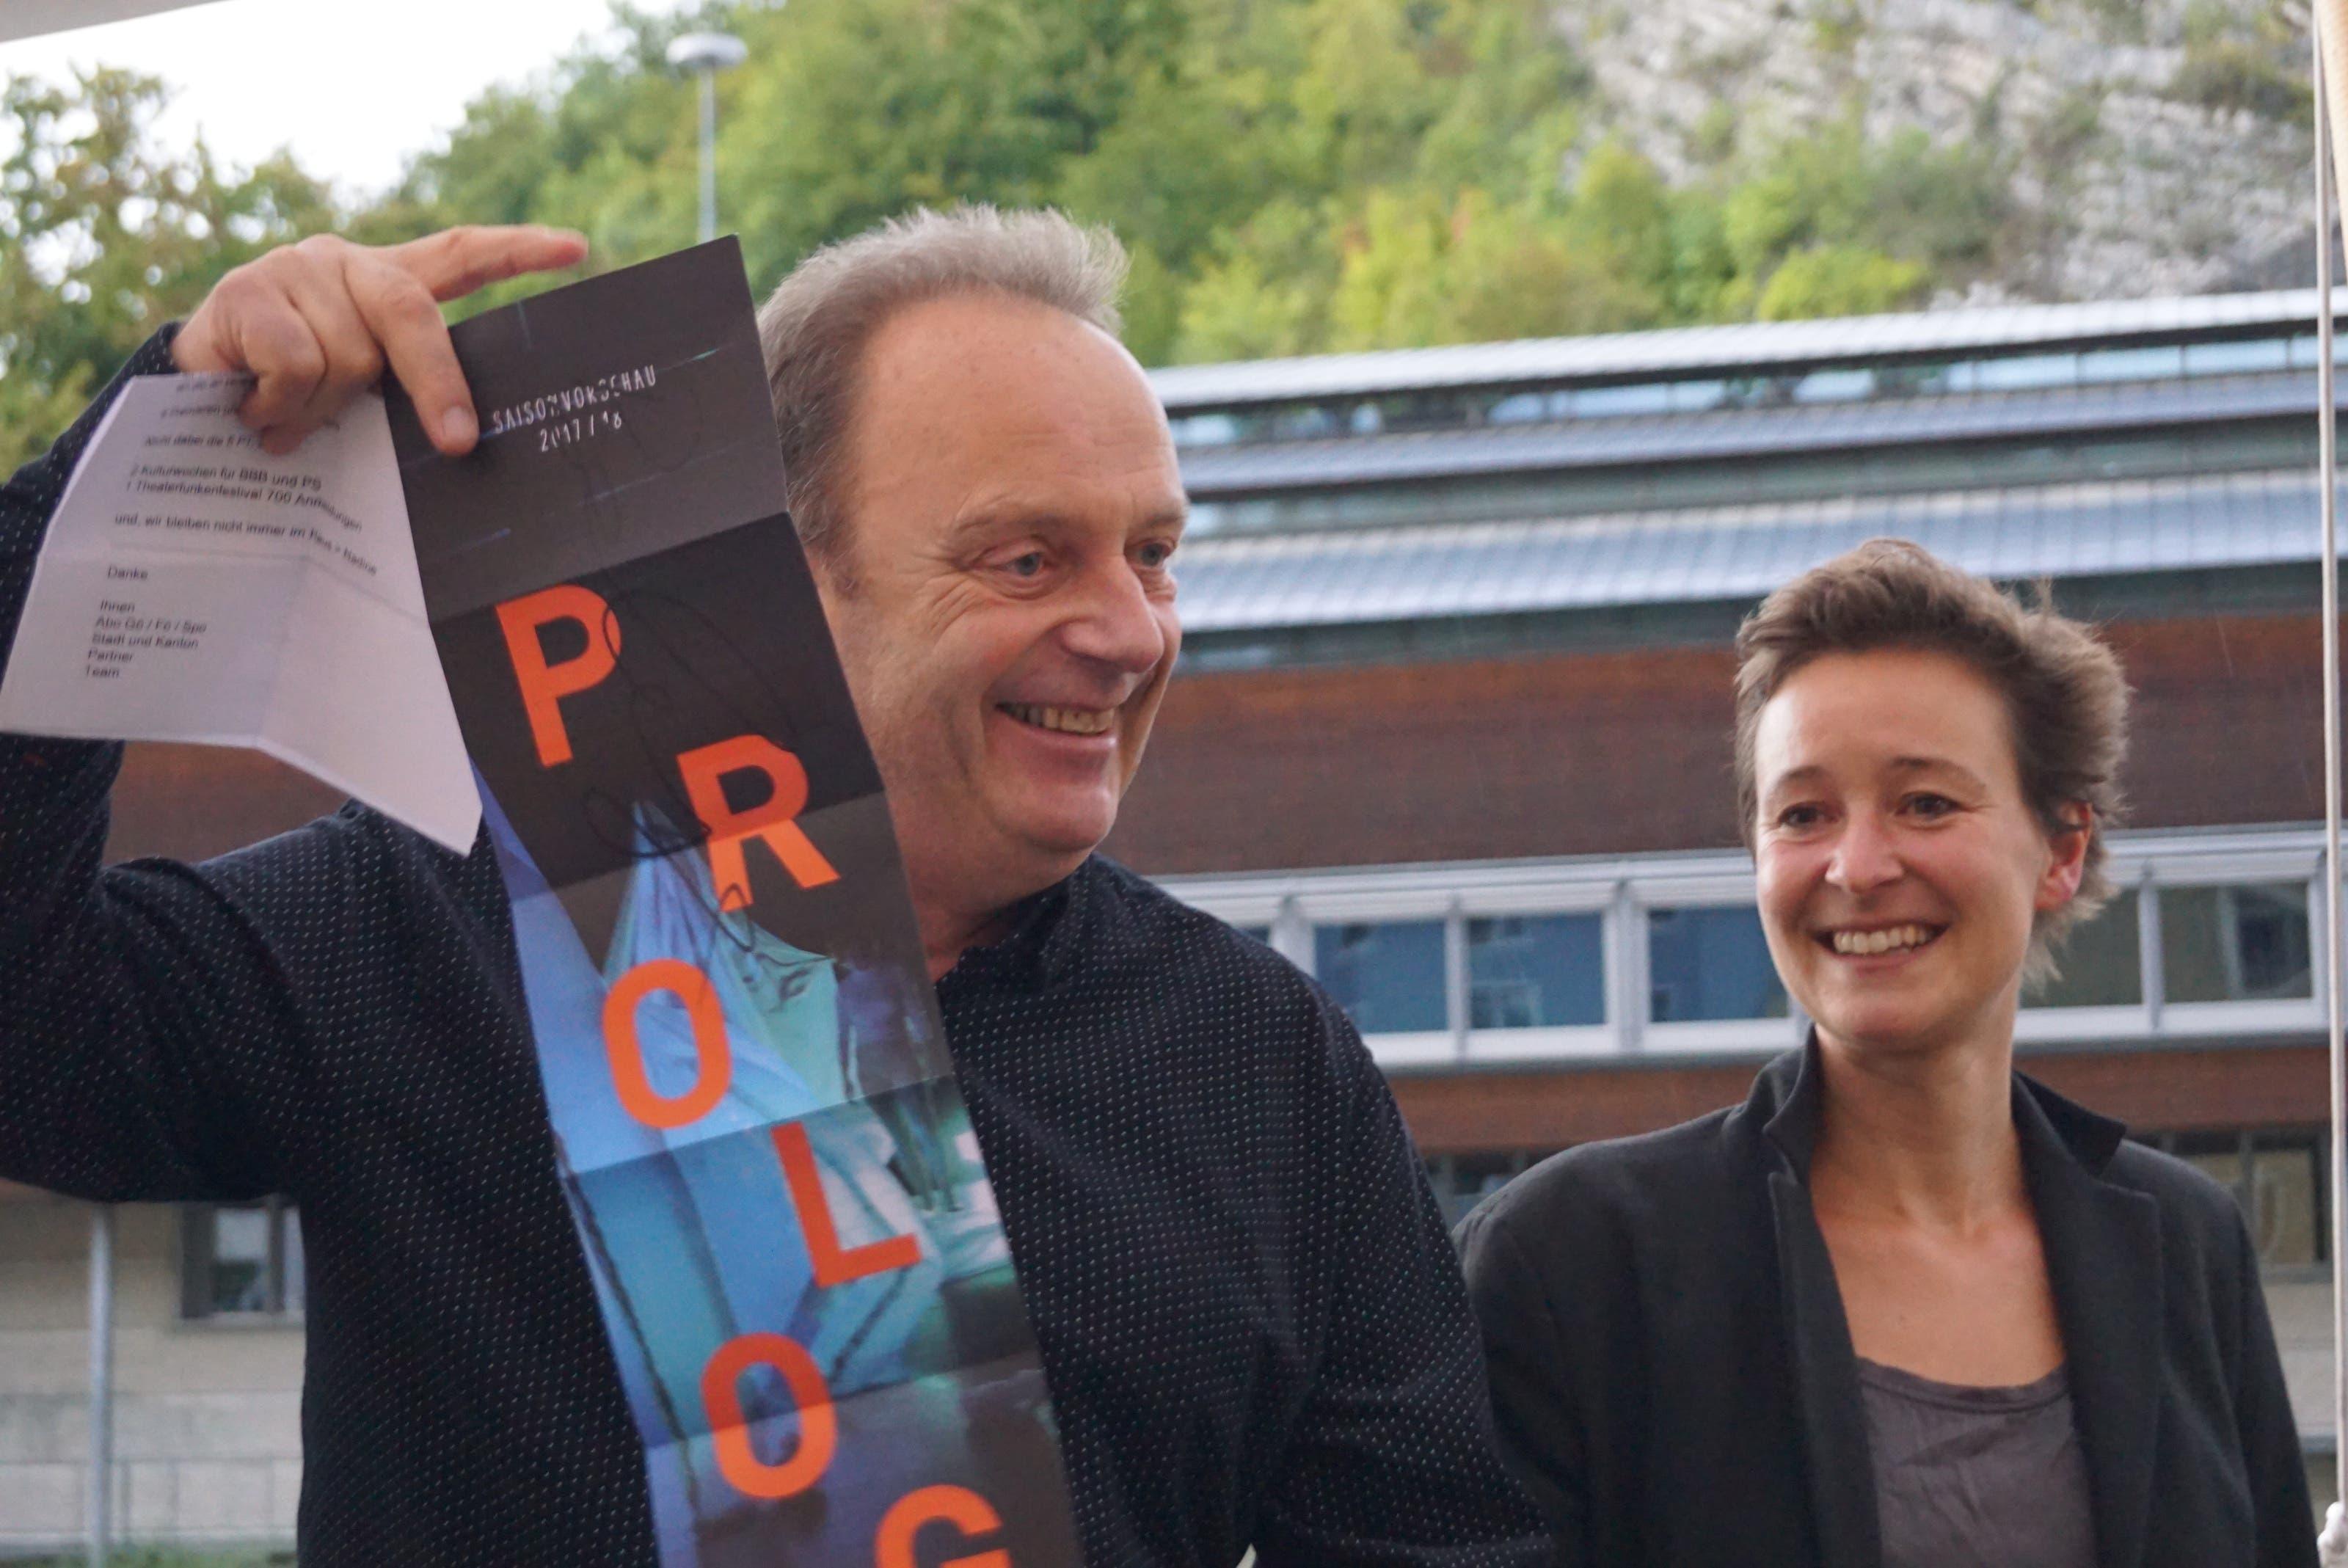 Markus Lerch und Nadine Tobler haben an Ihrer Ansprache gleich die Höhepunkte der nächsten Saison vorgestellt.